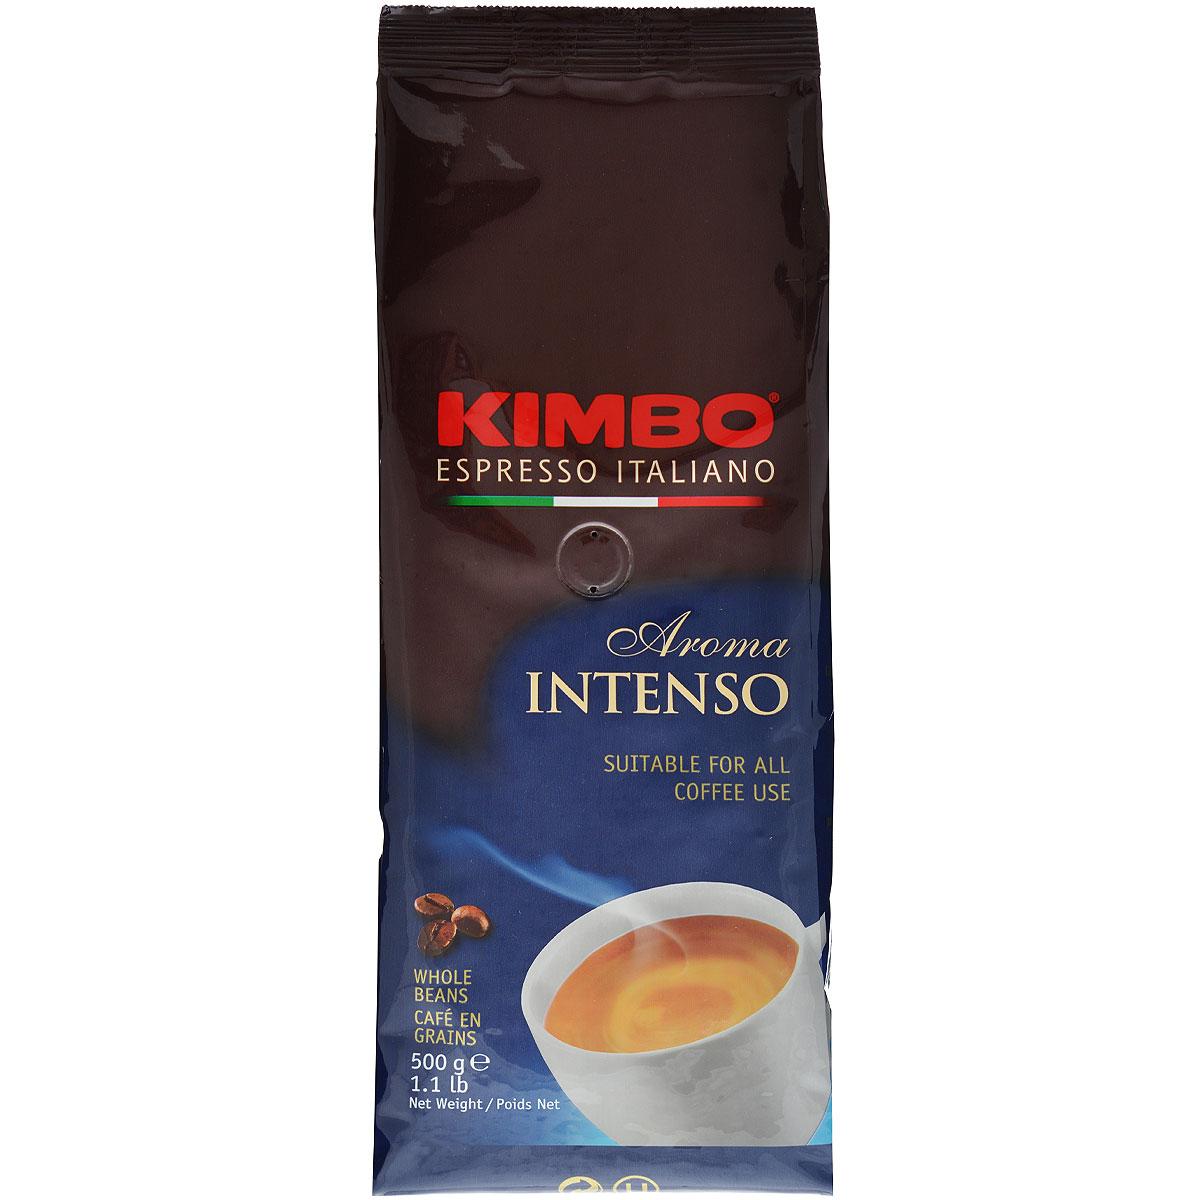 Kimbo Aroma Intenso кофе в зернах, 500 г0120710Натуральный жареный кофе в зернах Kimbo Aroma Intenso. Крепкий, с шоколадным послевкусием и ярким ароматом. Изысканная смесь арабики и робусты придаёт «Кимбо Арома Интенсо» насыщенный вкус. Состав смеси: 80% арабика, 20% робуста.